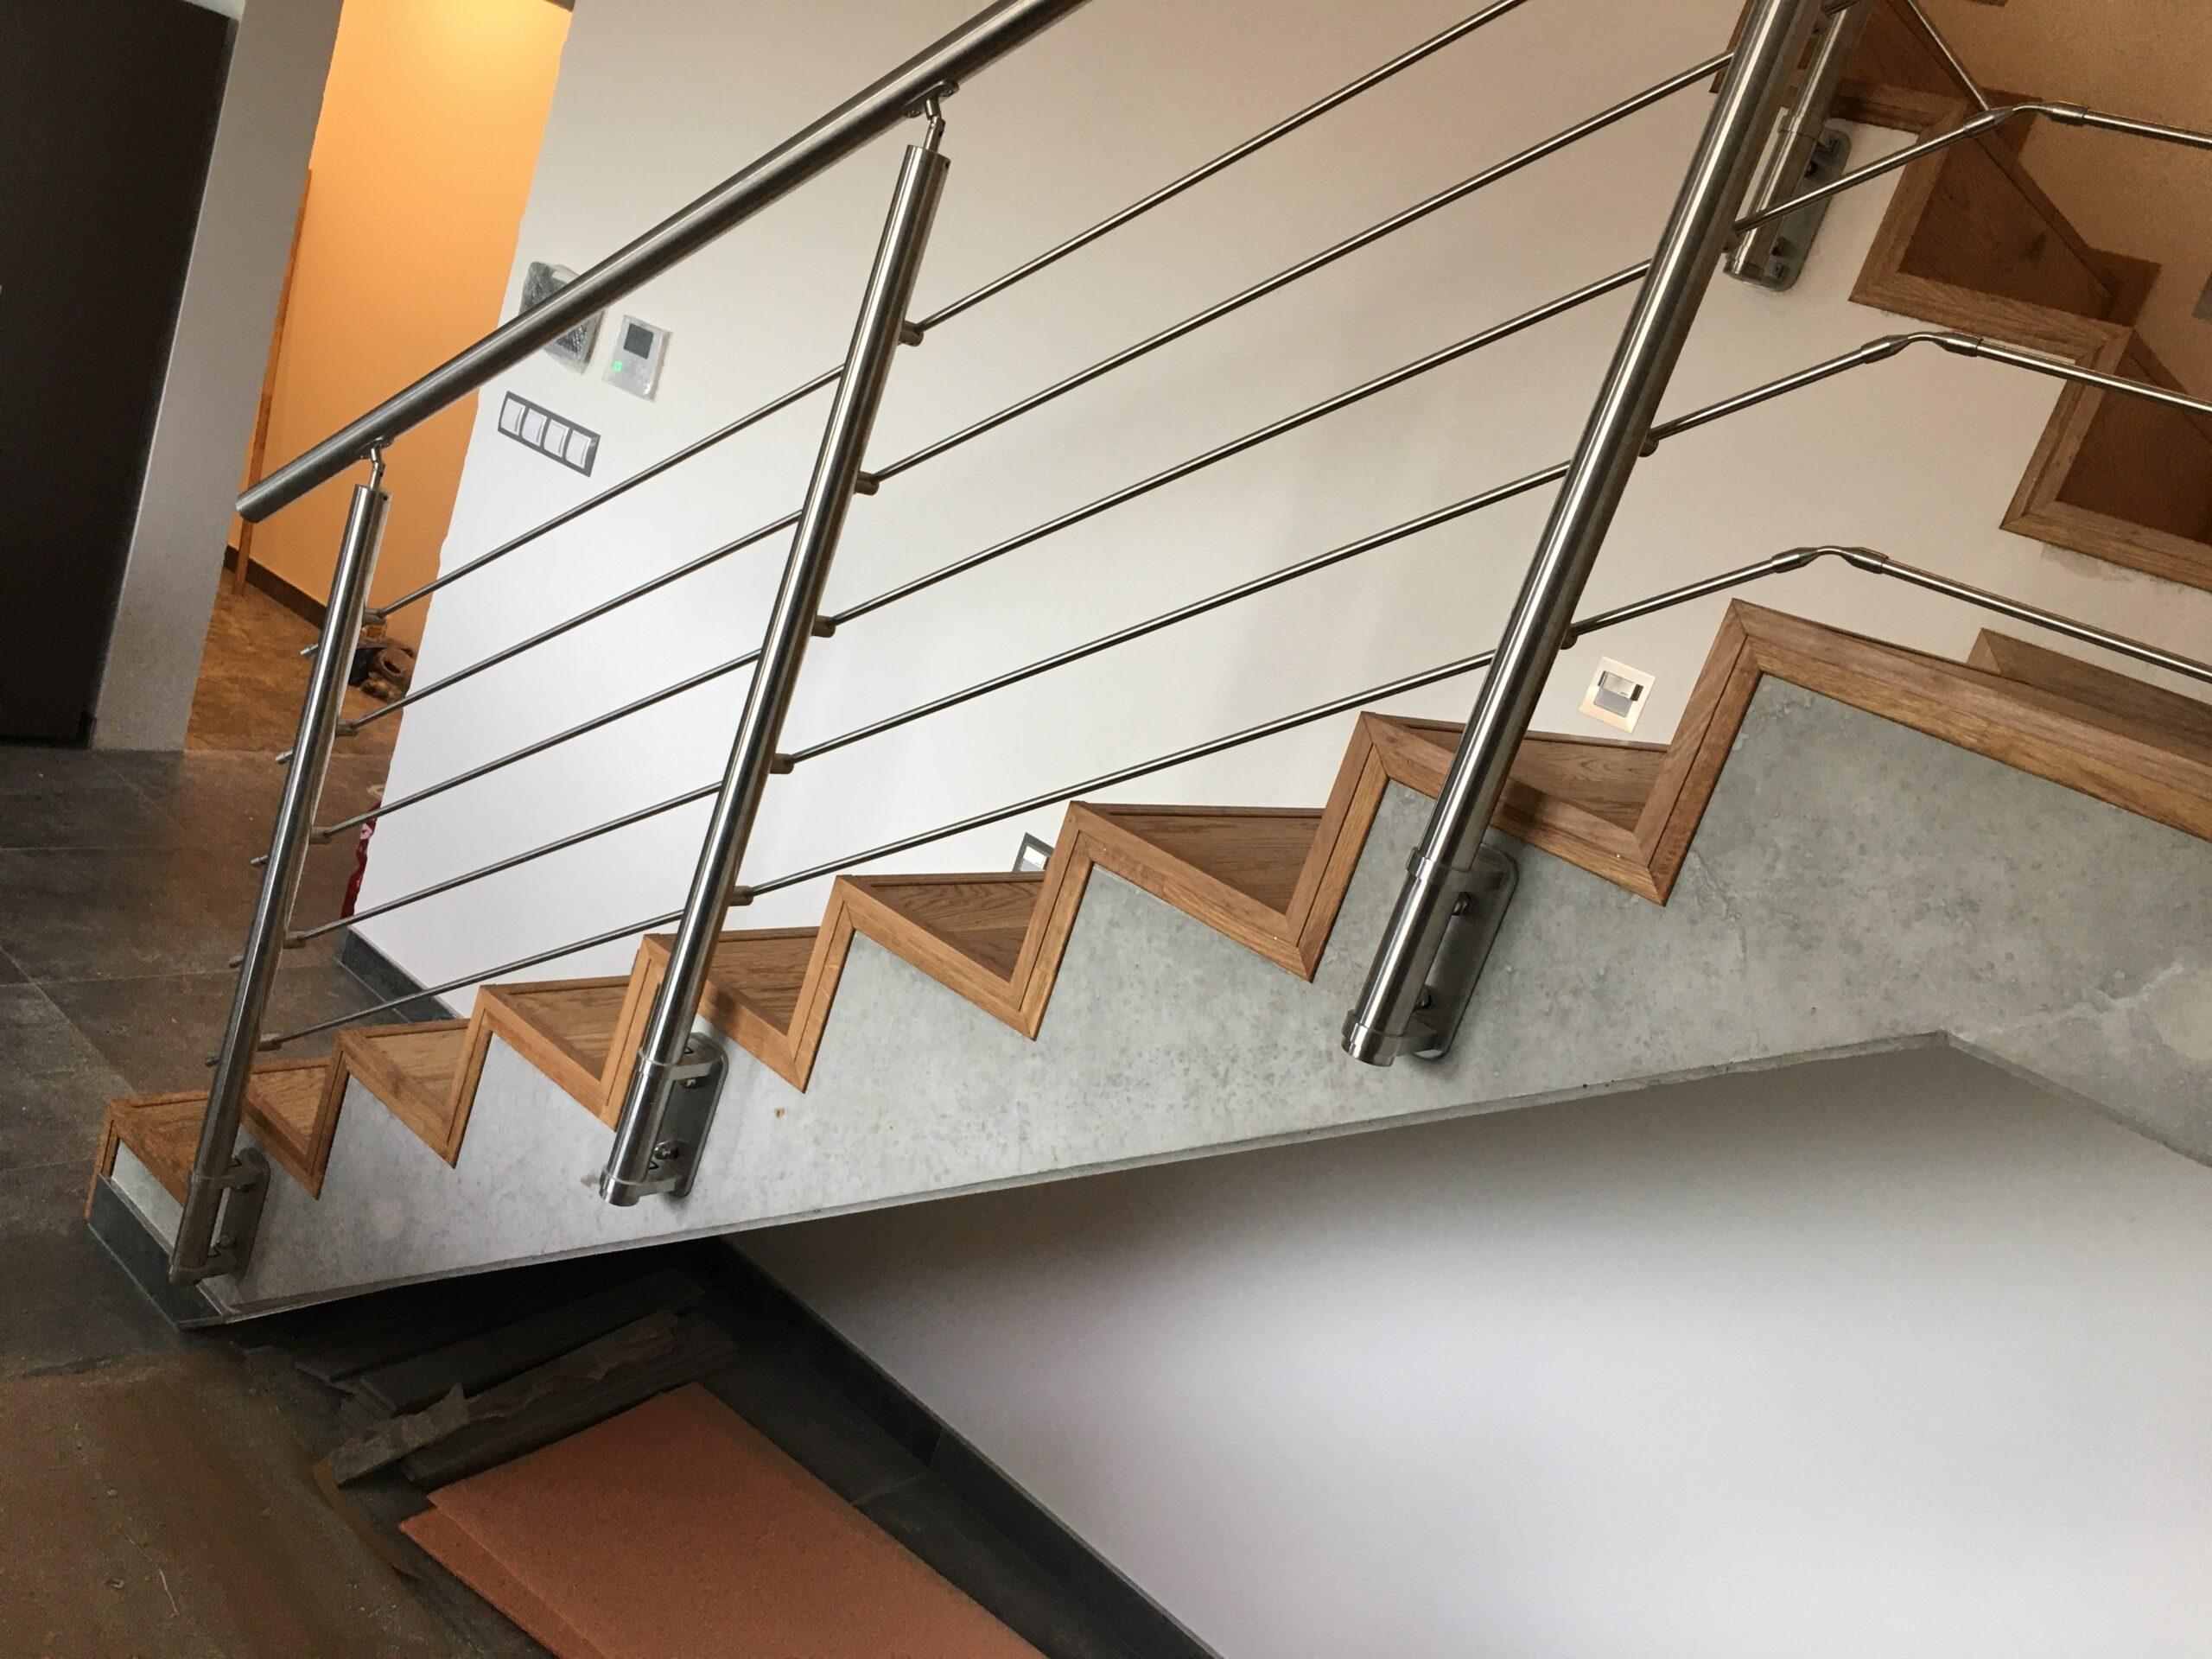 RD Nové Strašecí - obložení schodiště dřevěnou podlahou